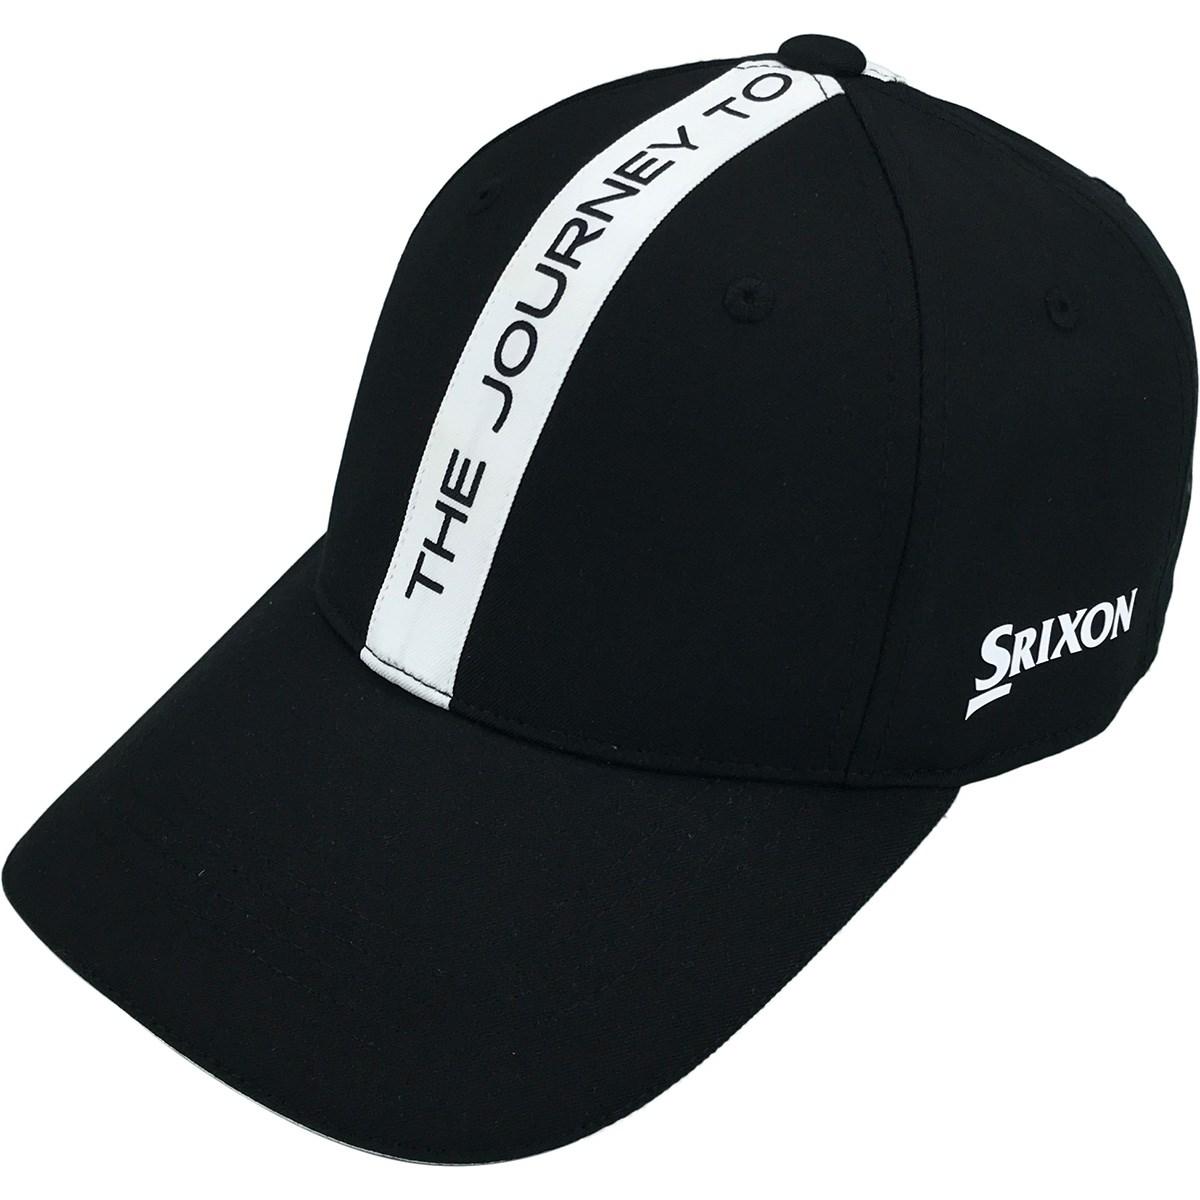 スリクソンゴルフ SRIXON タイポグラフィデザインキャップ フリー ブラック 00 レディス